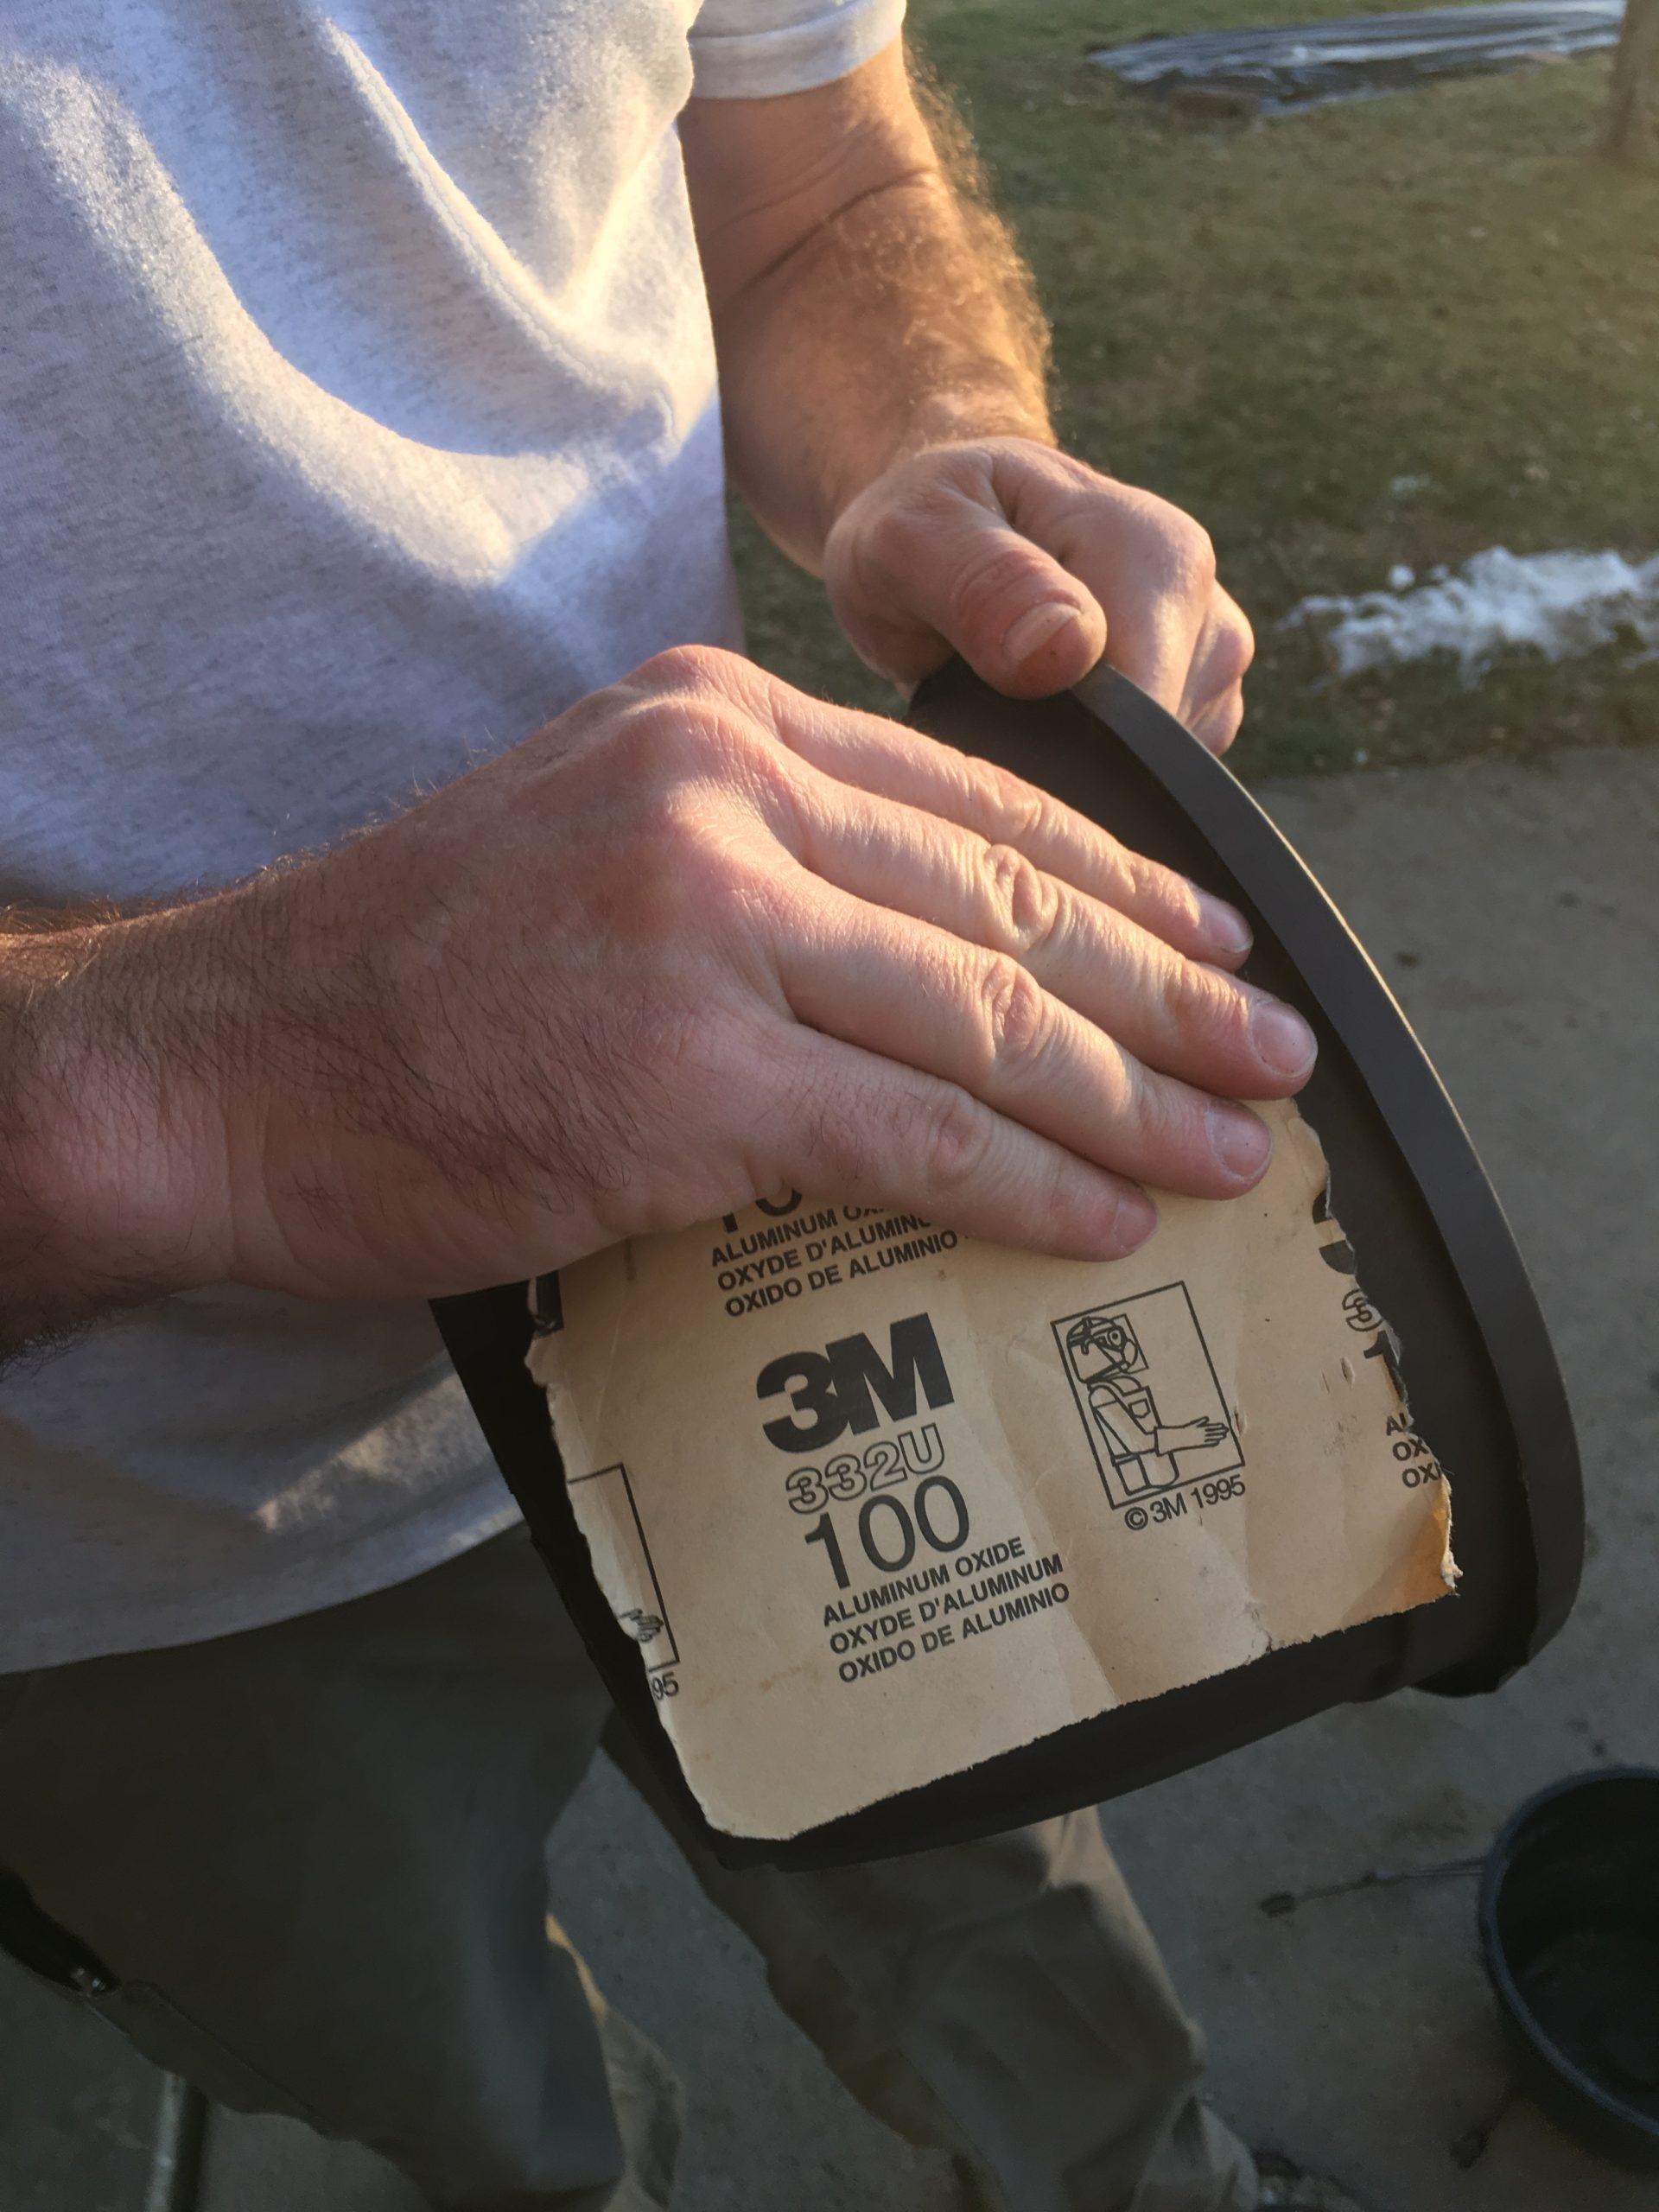 Poncage du pot en plastique avec du papier de verre.